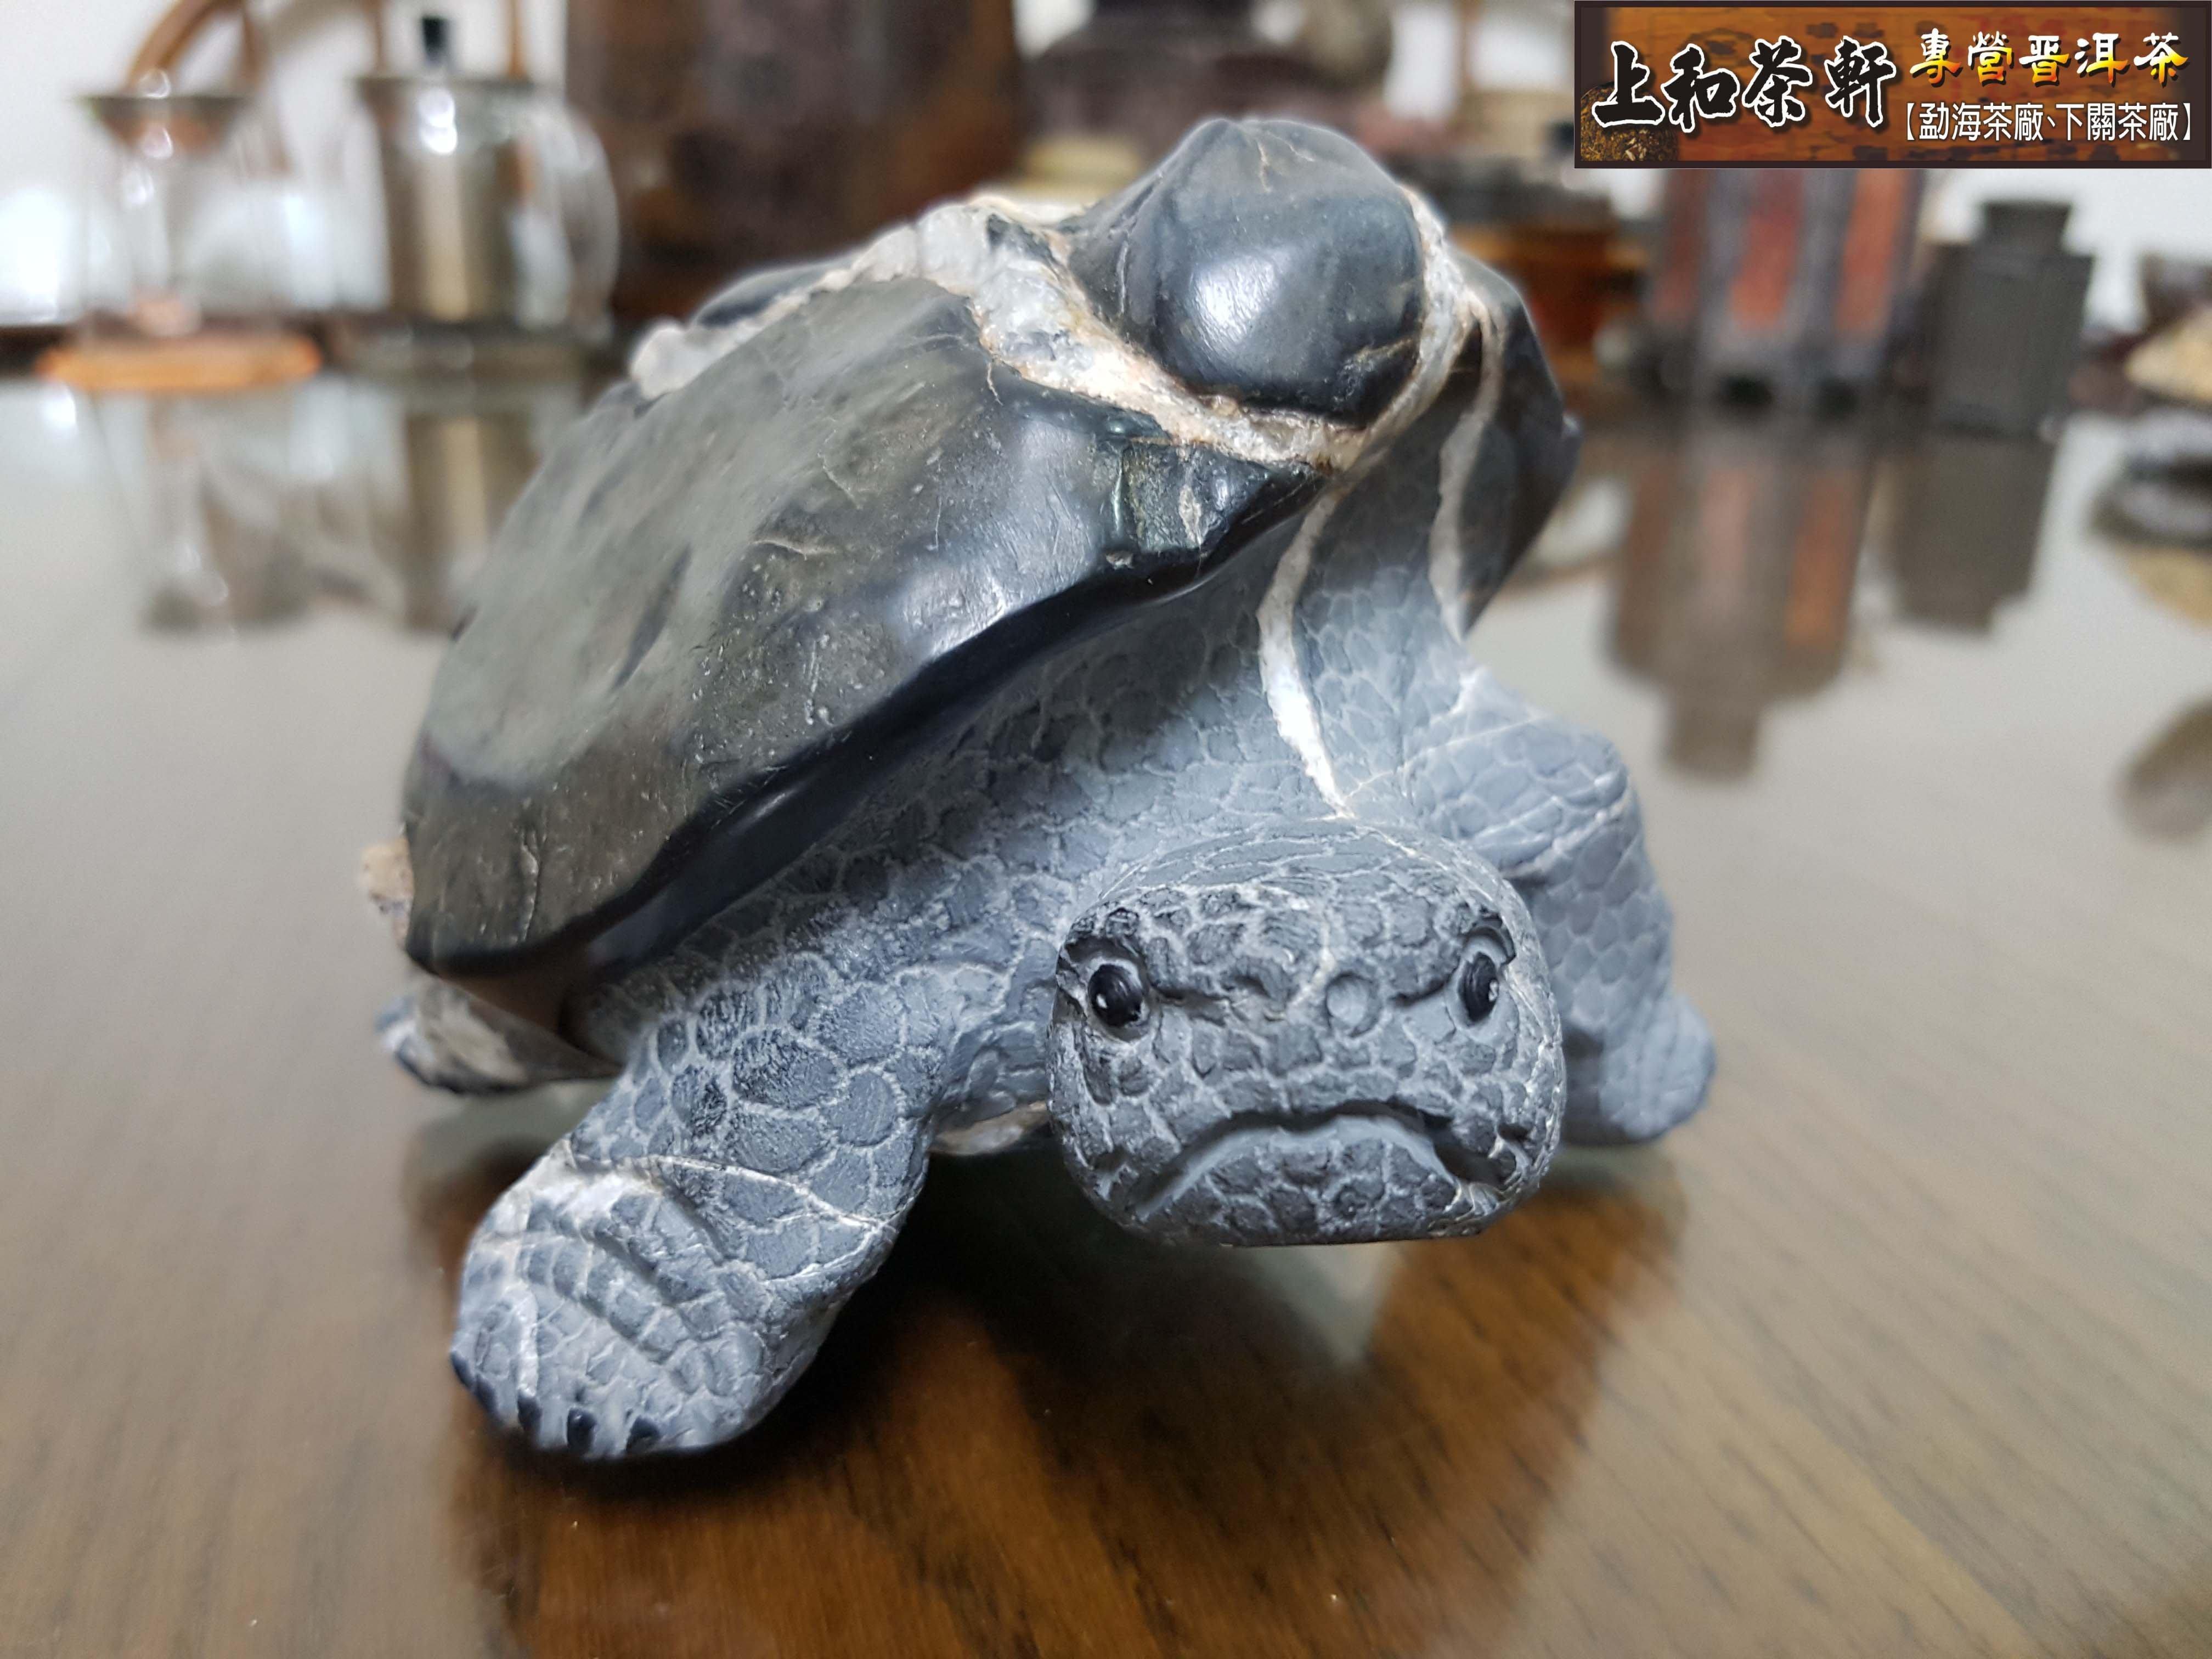 上和茶軒 * 大墩工藝師: 陳純輝 大師 *黑膽石,原皮,石雕龜* ~重量:1049g